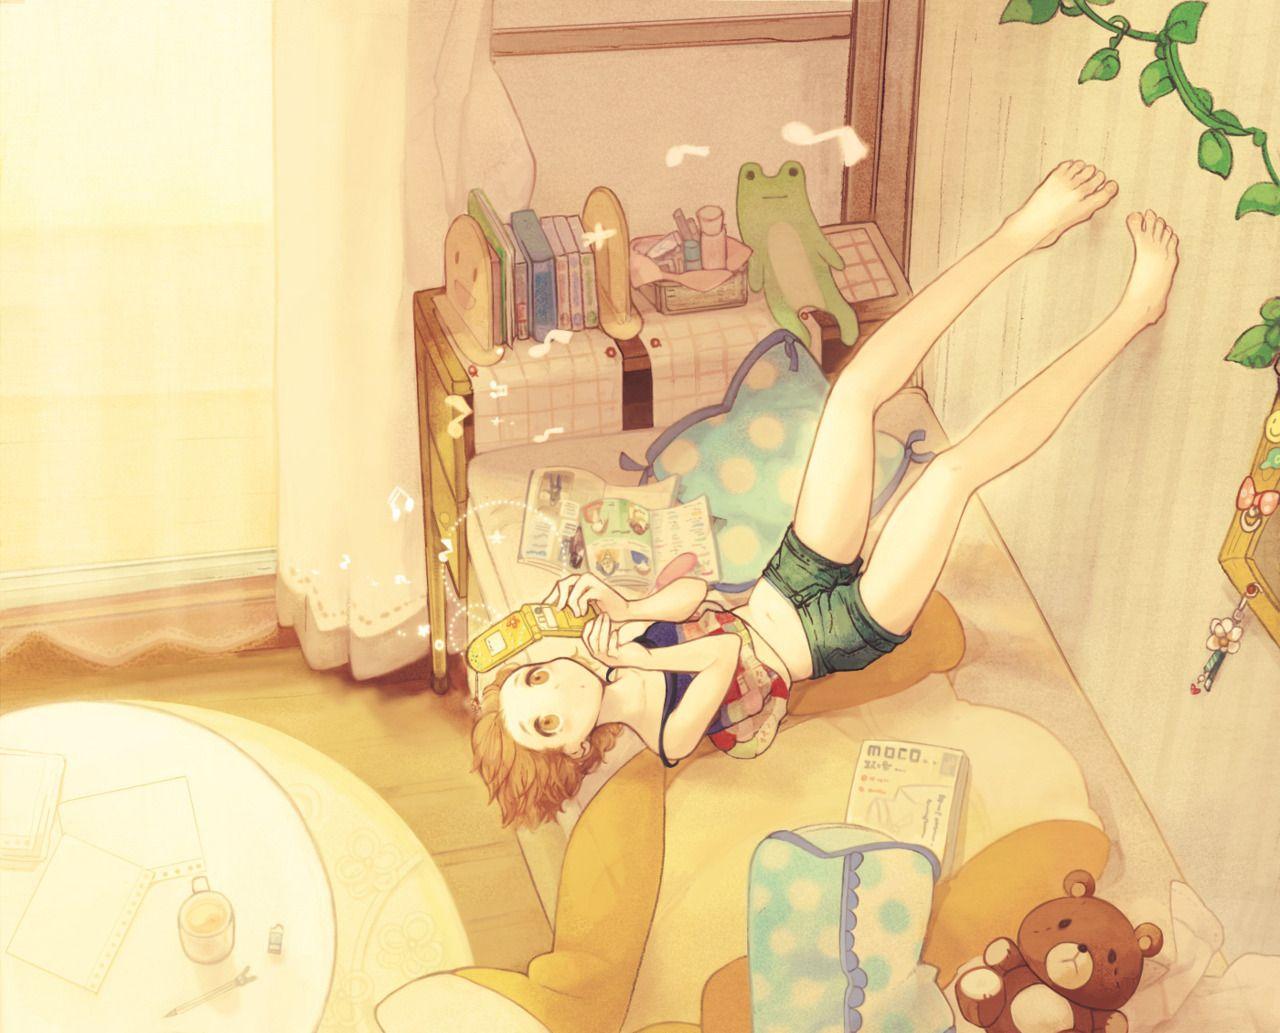 Pin on Kawaii Manga & Anime